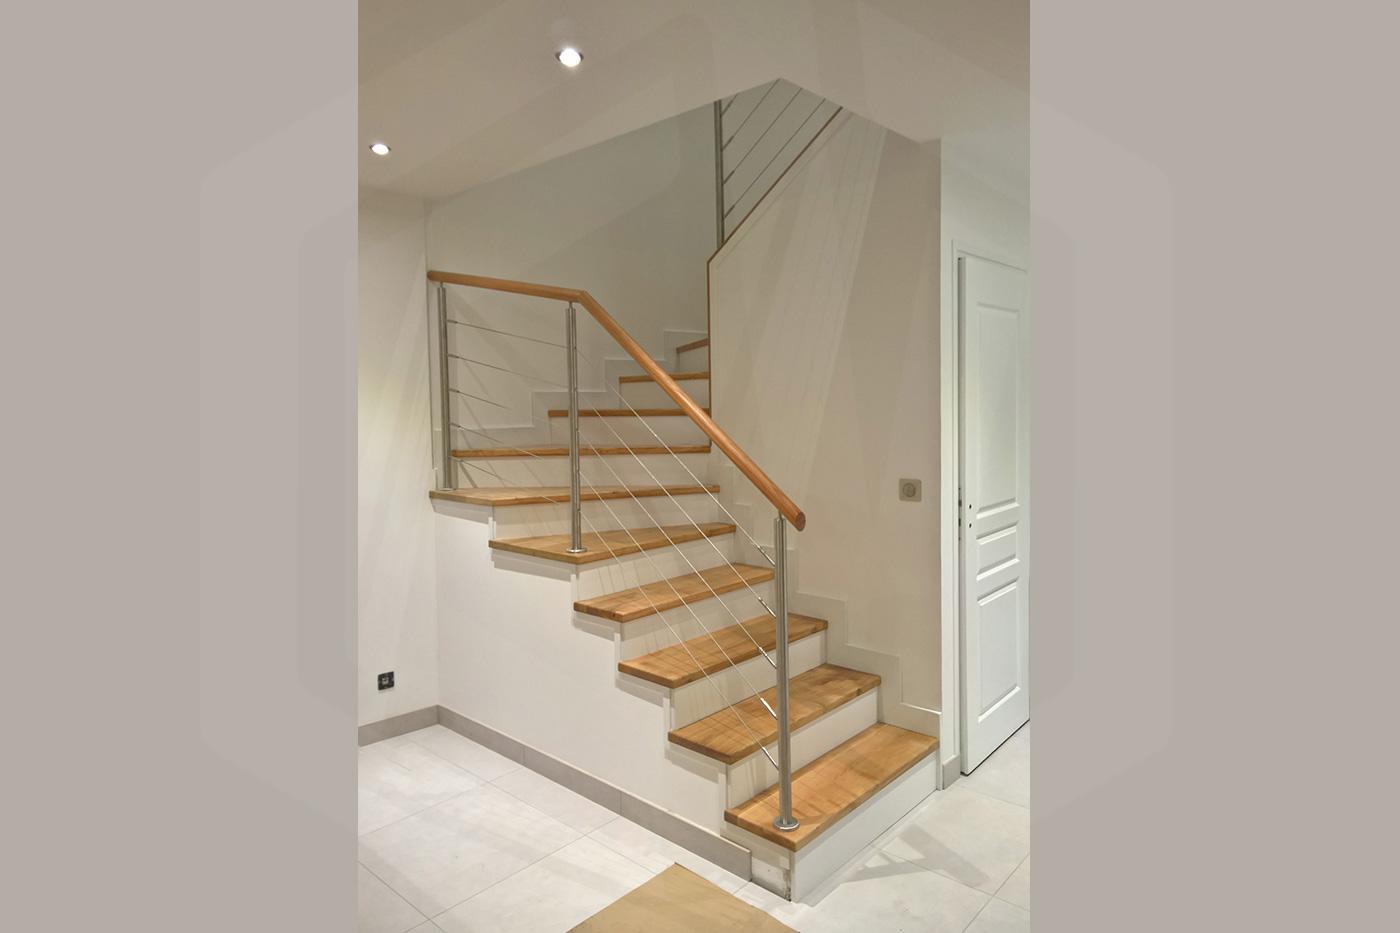 escadas_ferro_madeira_3